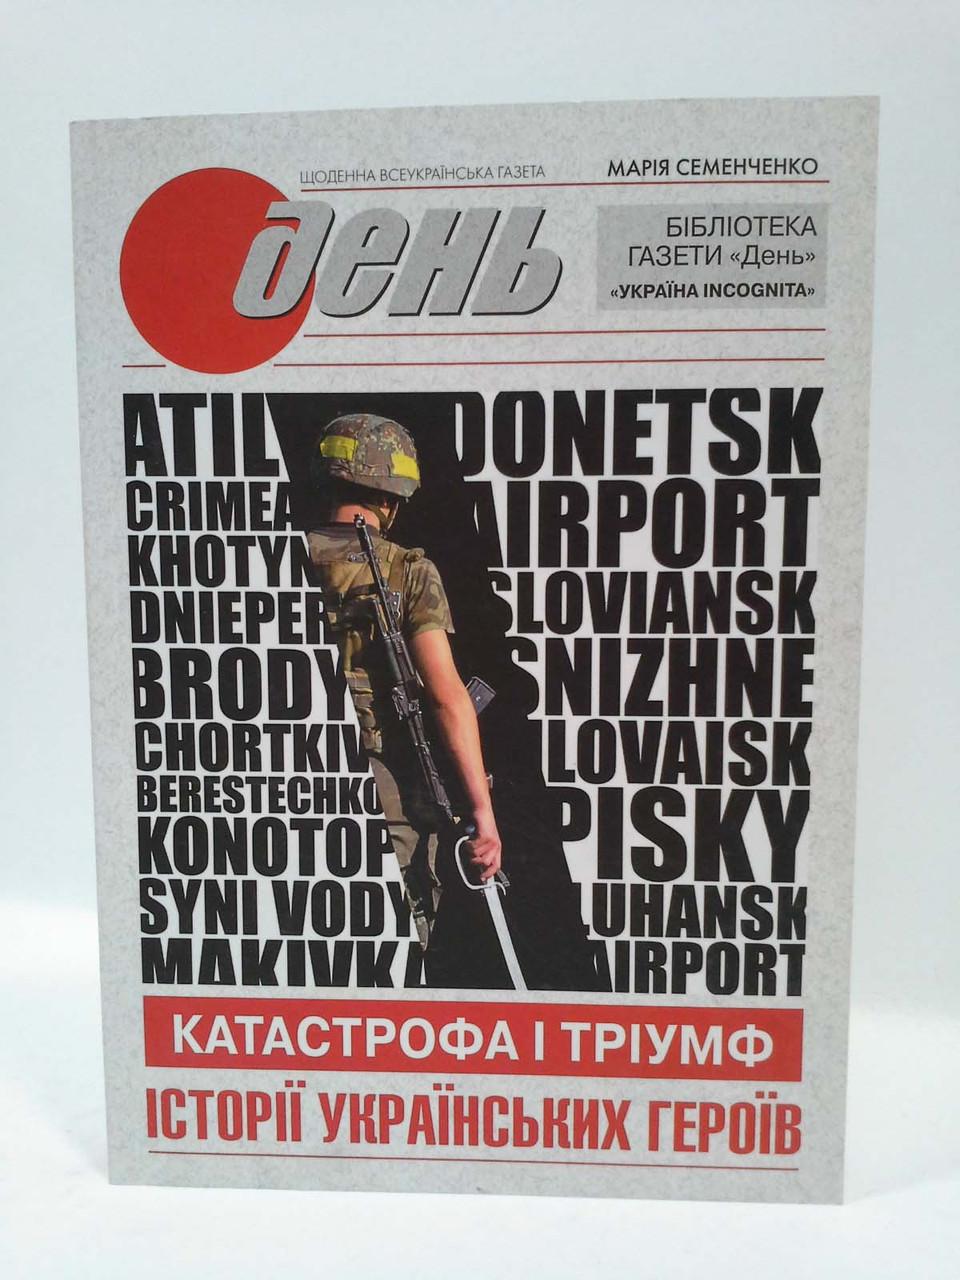 Сучасники Газета День Катастрофа і Тріумф Історії українських героїв